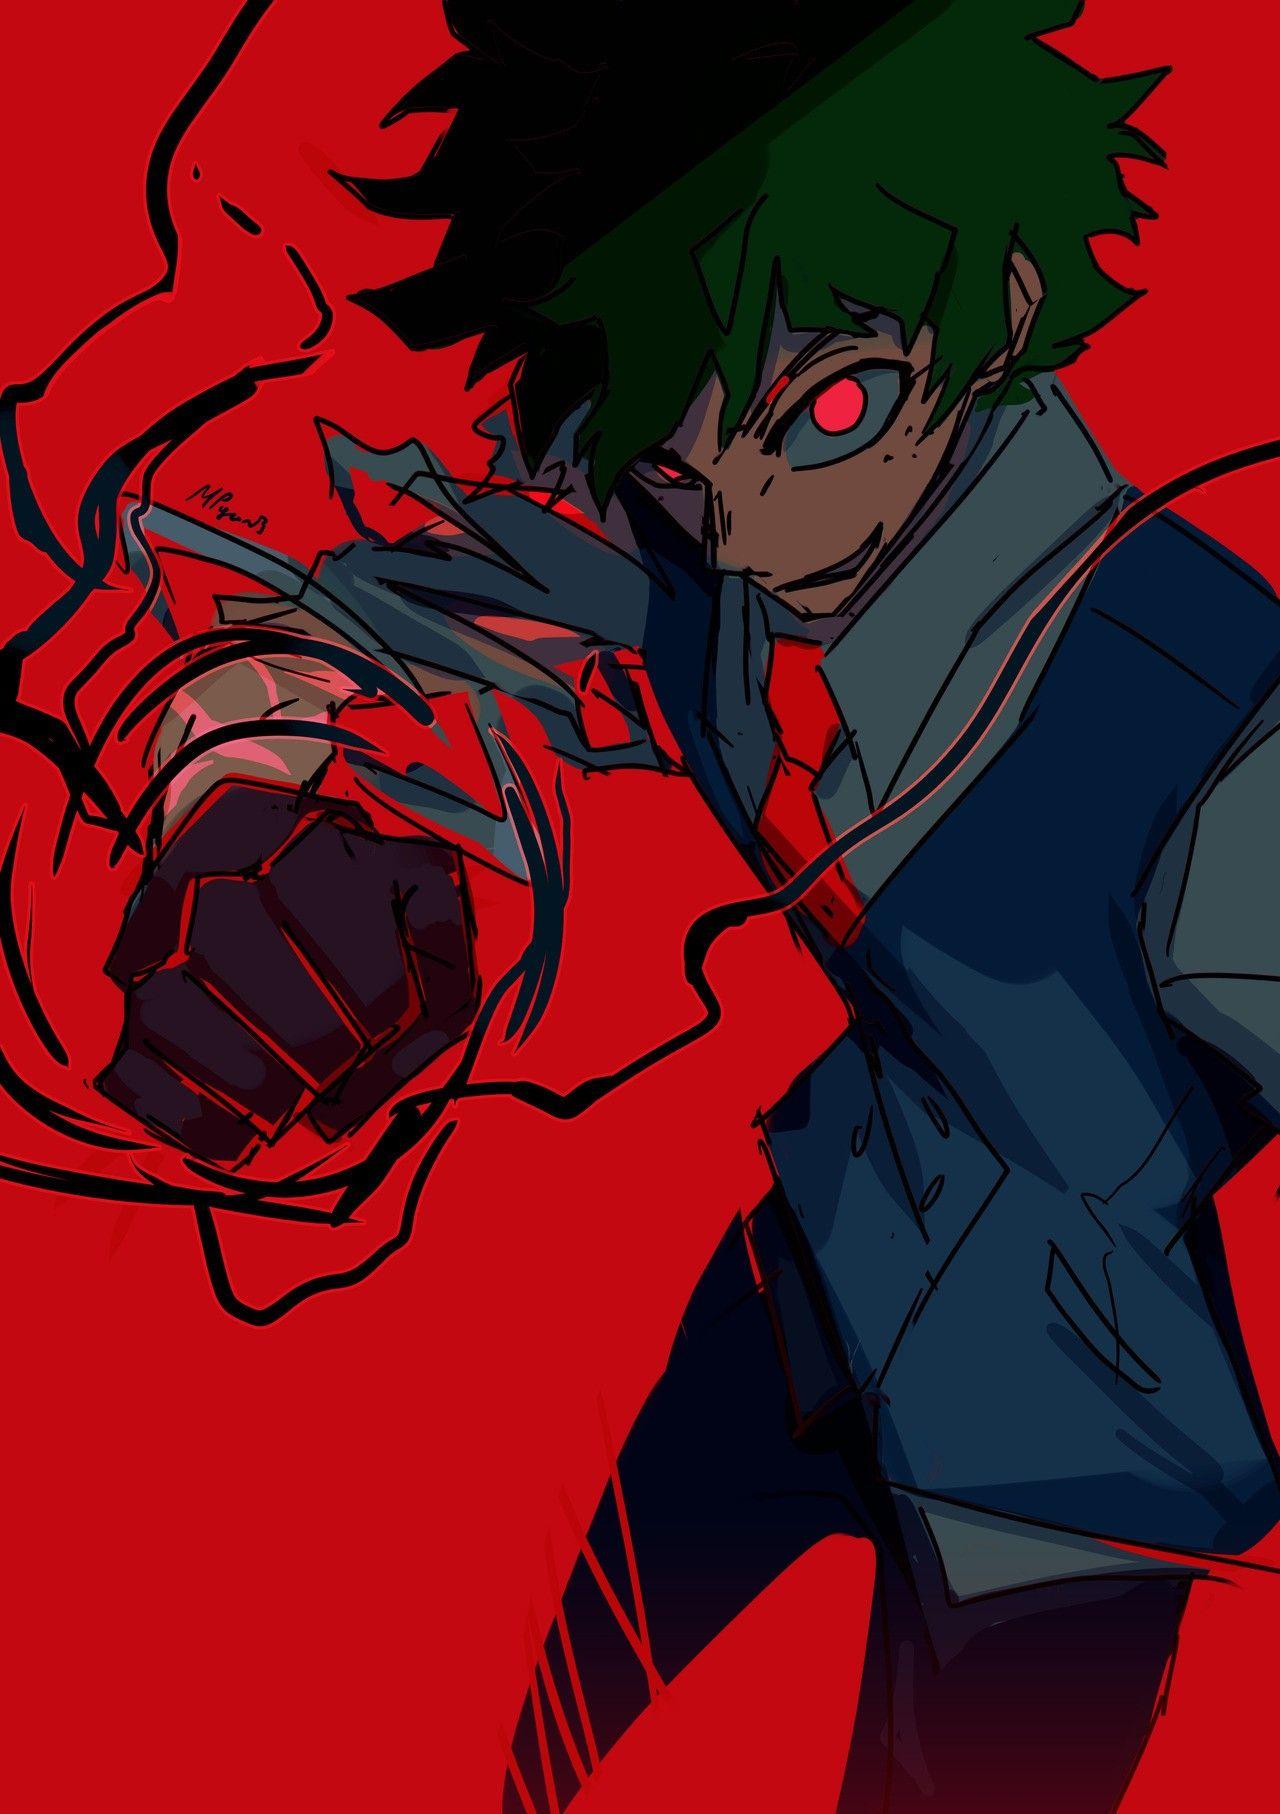 Midoriya Izuku Villain Boku No Hero Academia Villain Deku Hero Cool Drawings